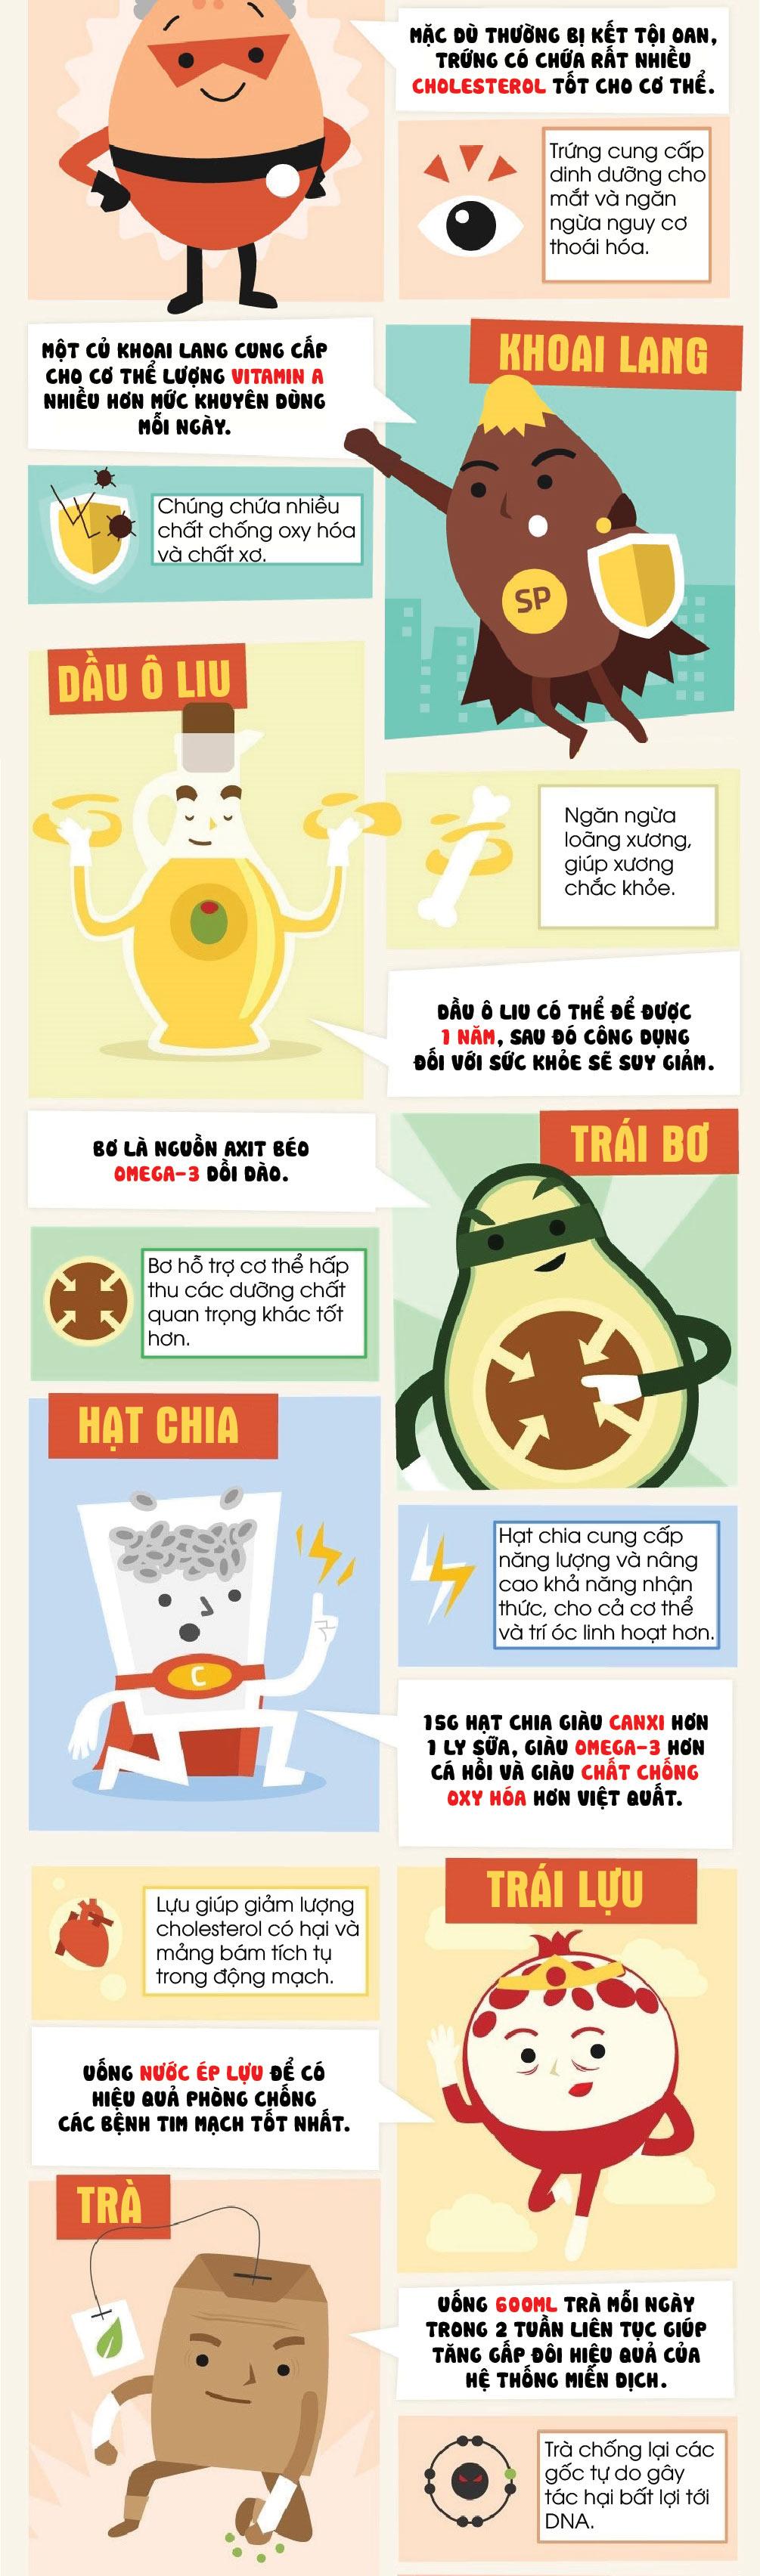 """Top siêu thực phẩm """"điểm 10"""" cho sức khỏe - 3"""